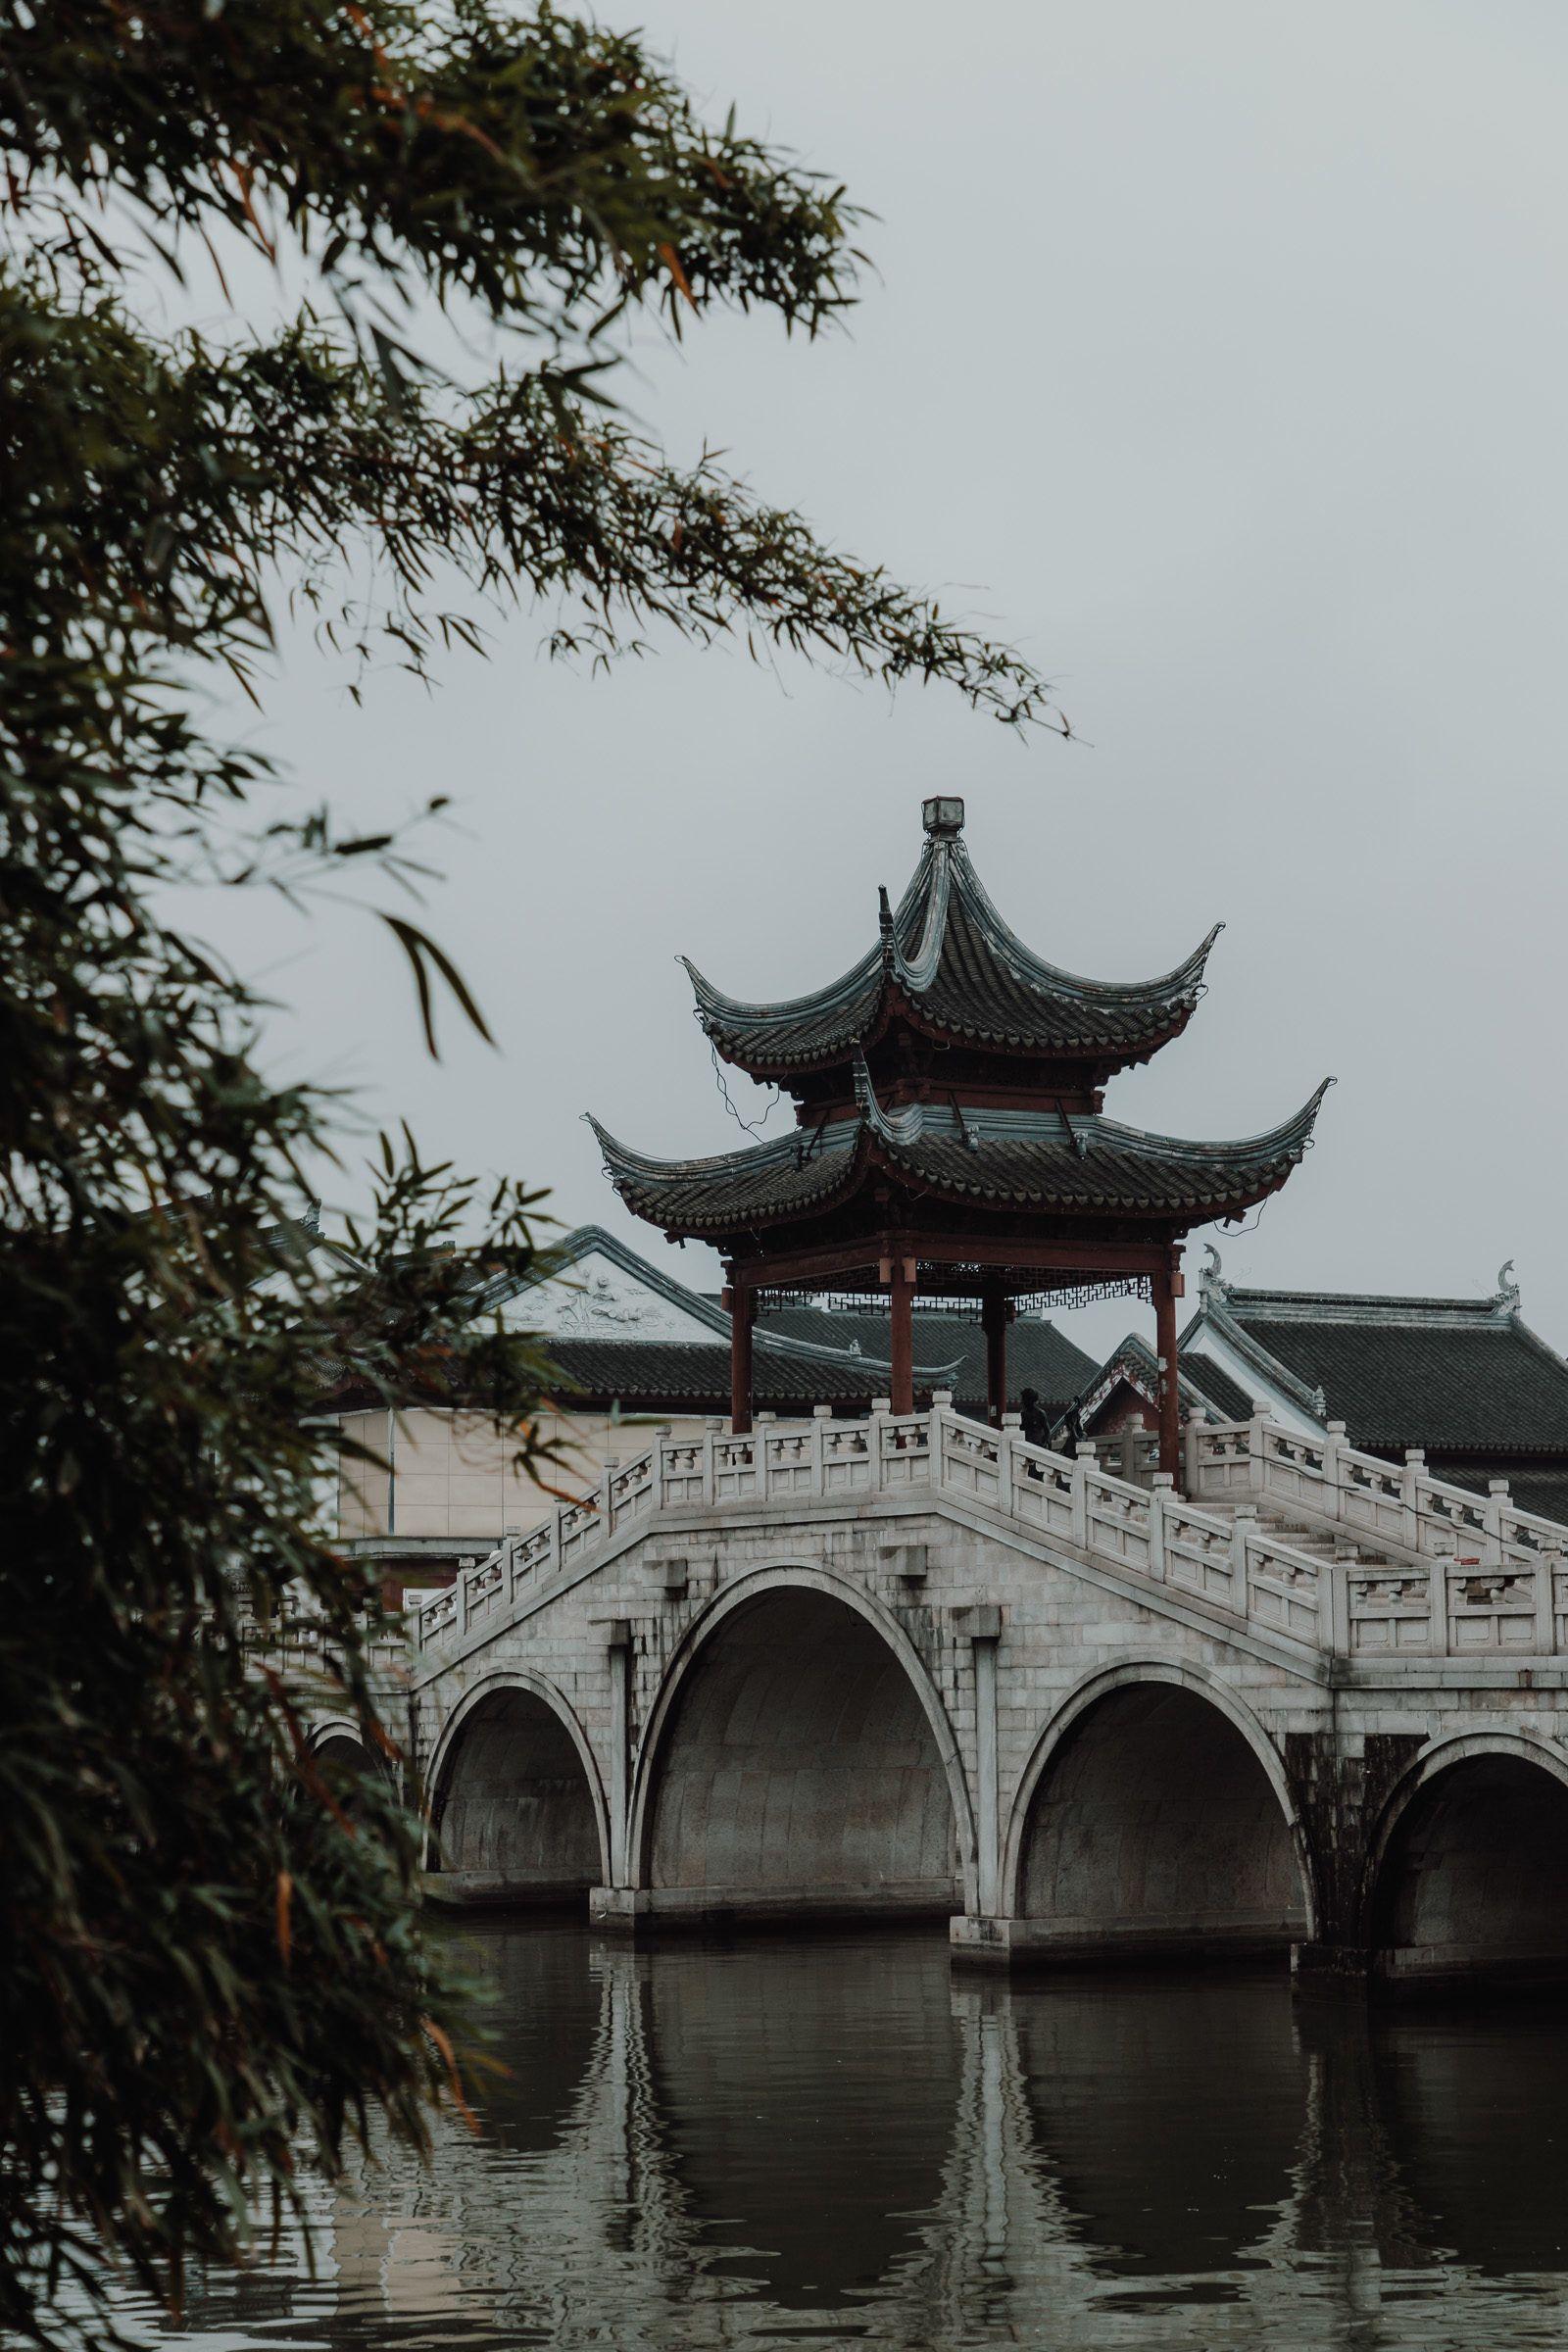 Suzhou, China: Malerische Gärten, romantische Wasserstraßen wie in Venedig und chinesische Geschichte und Kultur. Für jede China Reise ein Tipp! Suzhou liegt in der Nähe von Shanghai und ist der perfekte Ausflug bei einenm Shanghai Trip. #suzhou #china #reise #shanghai